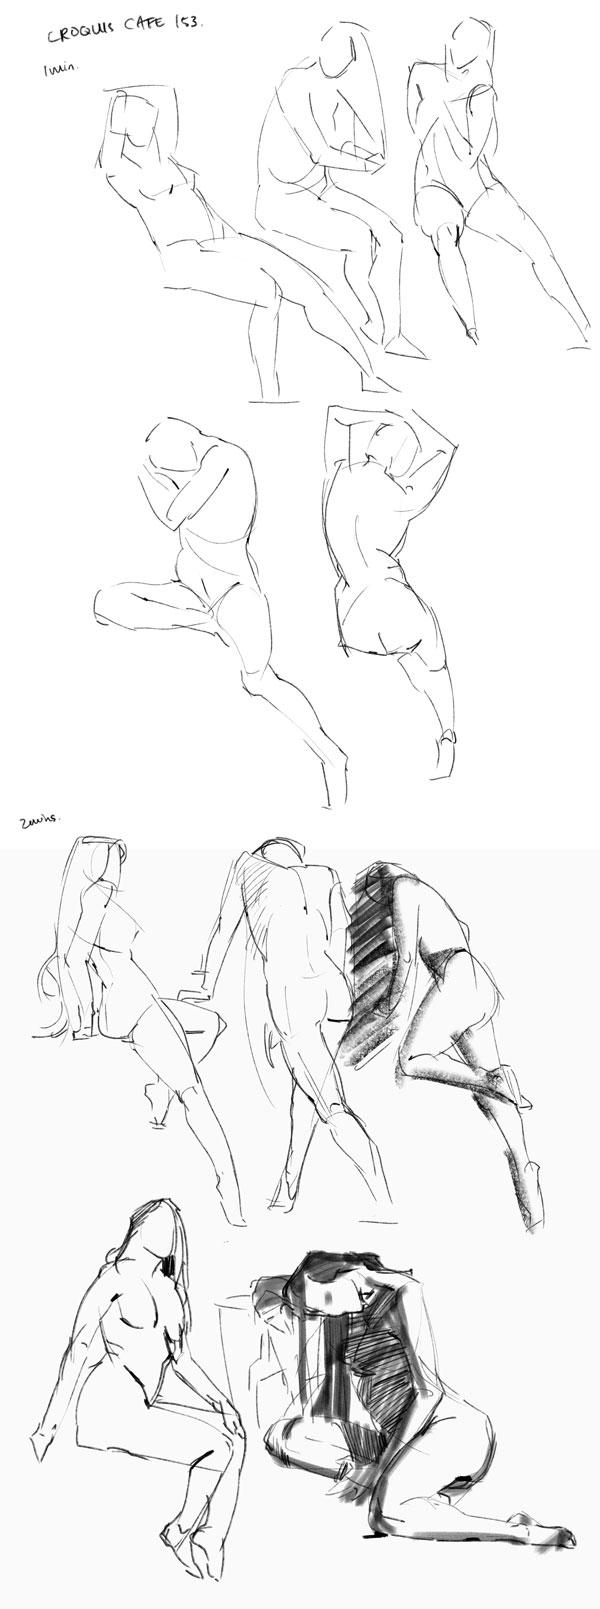 sketch_0158.jpg